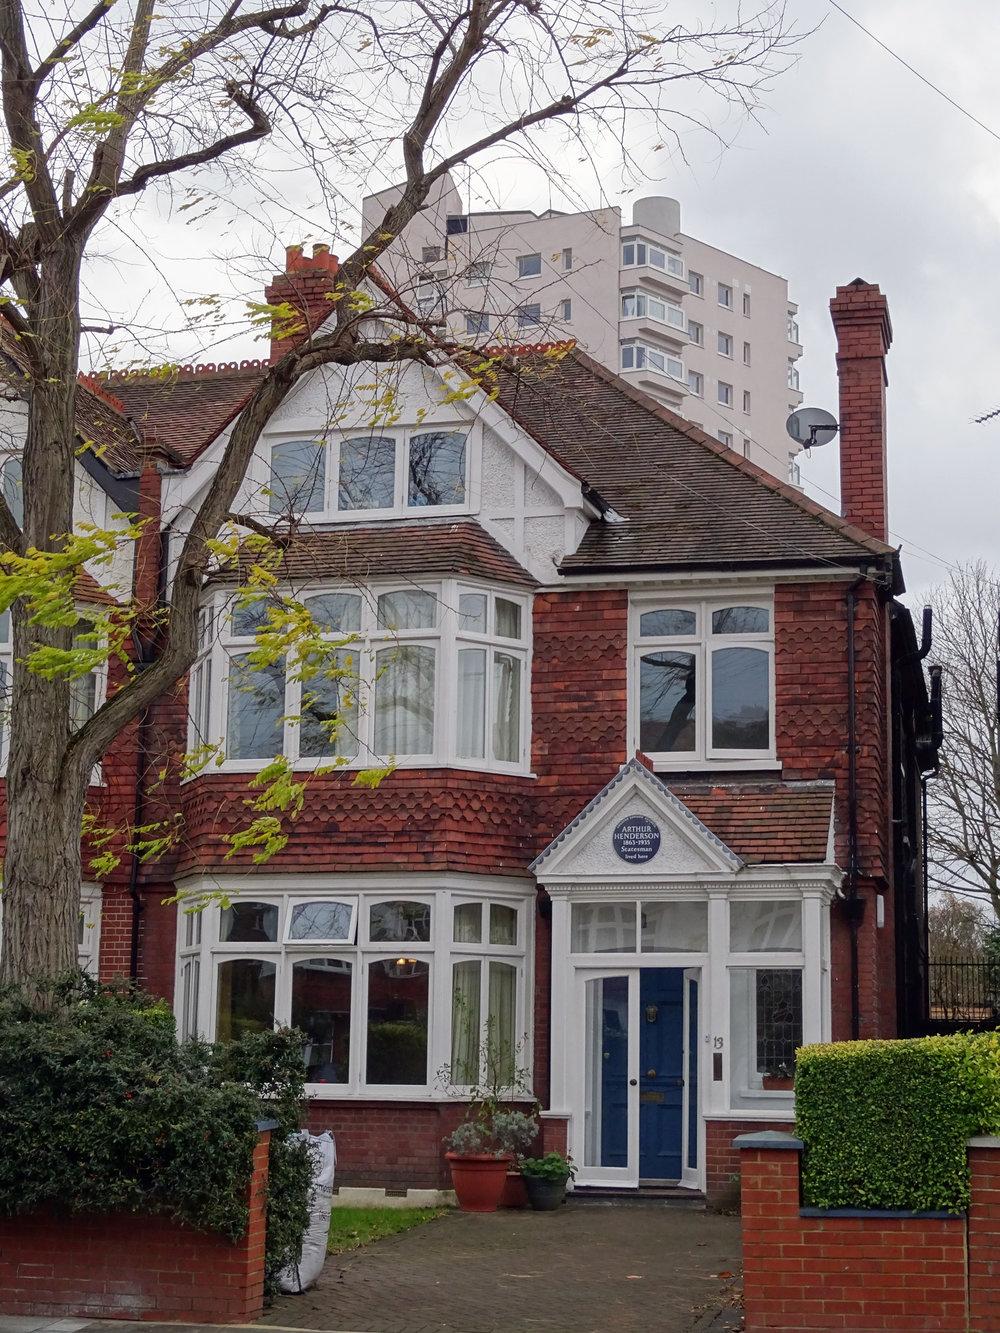 ARTHUR_HENDERSON_-_13_Rodenhurst_Road_Clapham_London_SW4_8AE.jpg